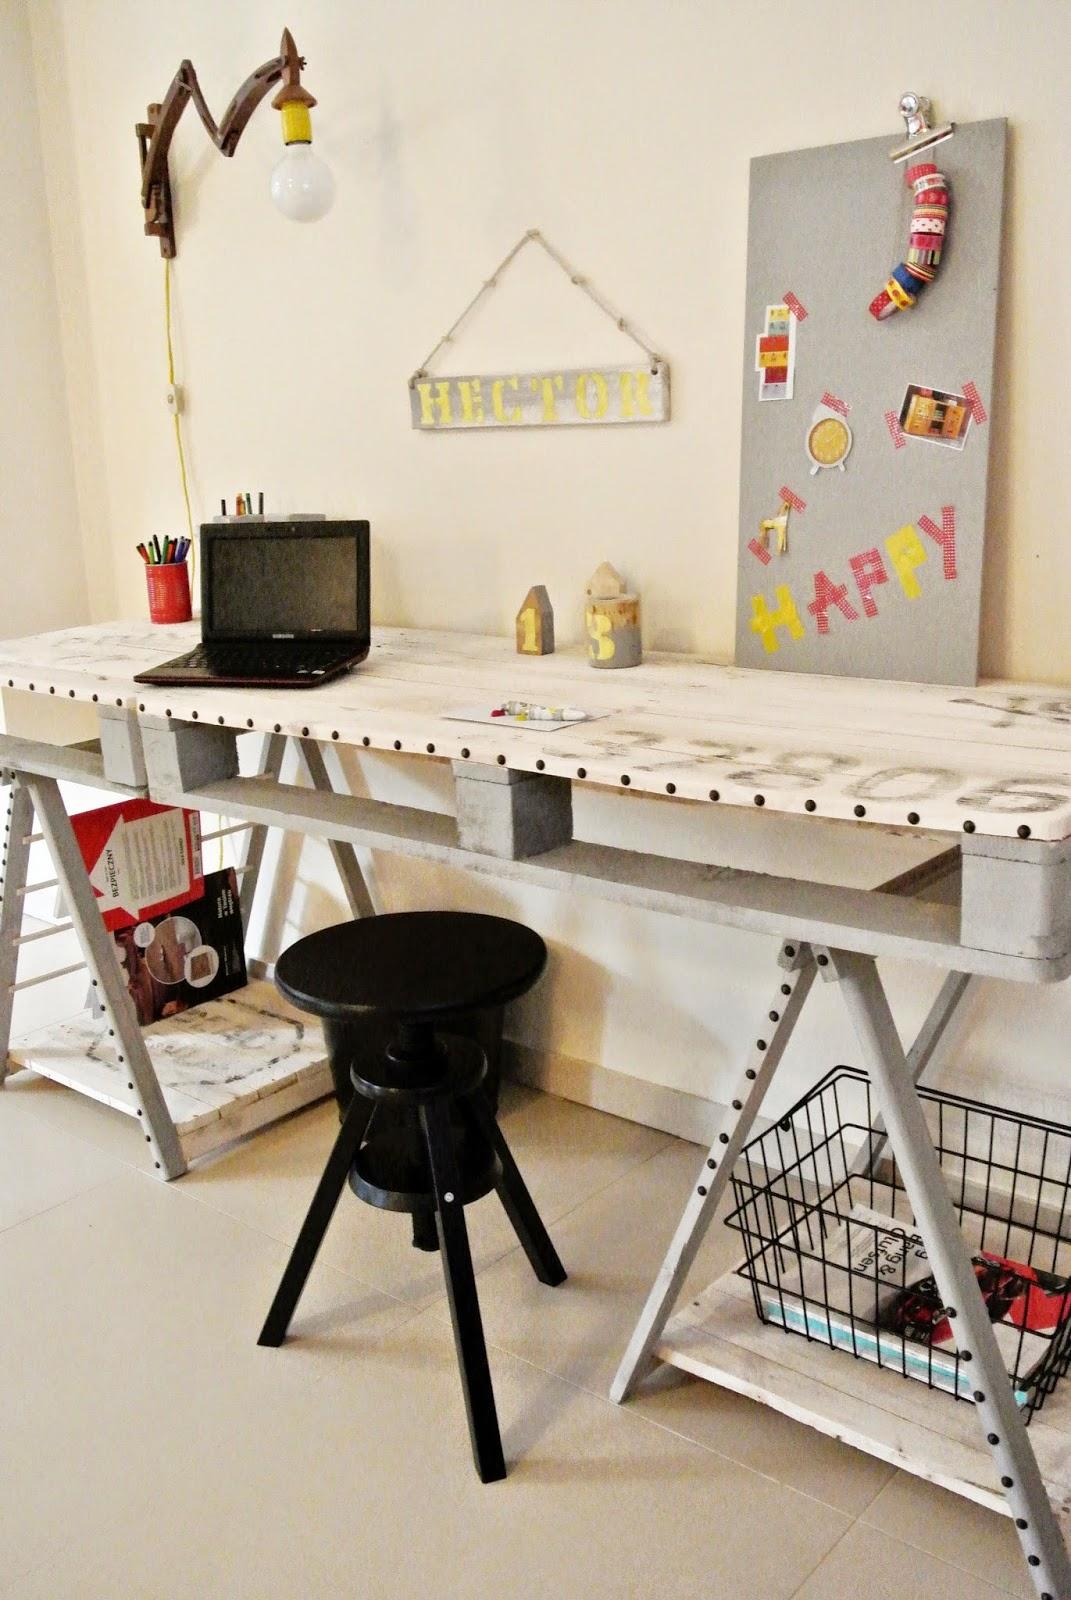 biurko tutorial krok po kroku,opis jak zrobic biurko,co można zrobić z palety,DIY zrób to sam biurko,jasne drewno,dodatki inspiracje blog wnętrzarski